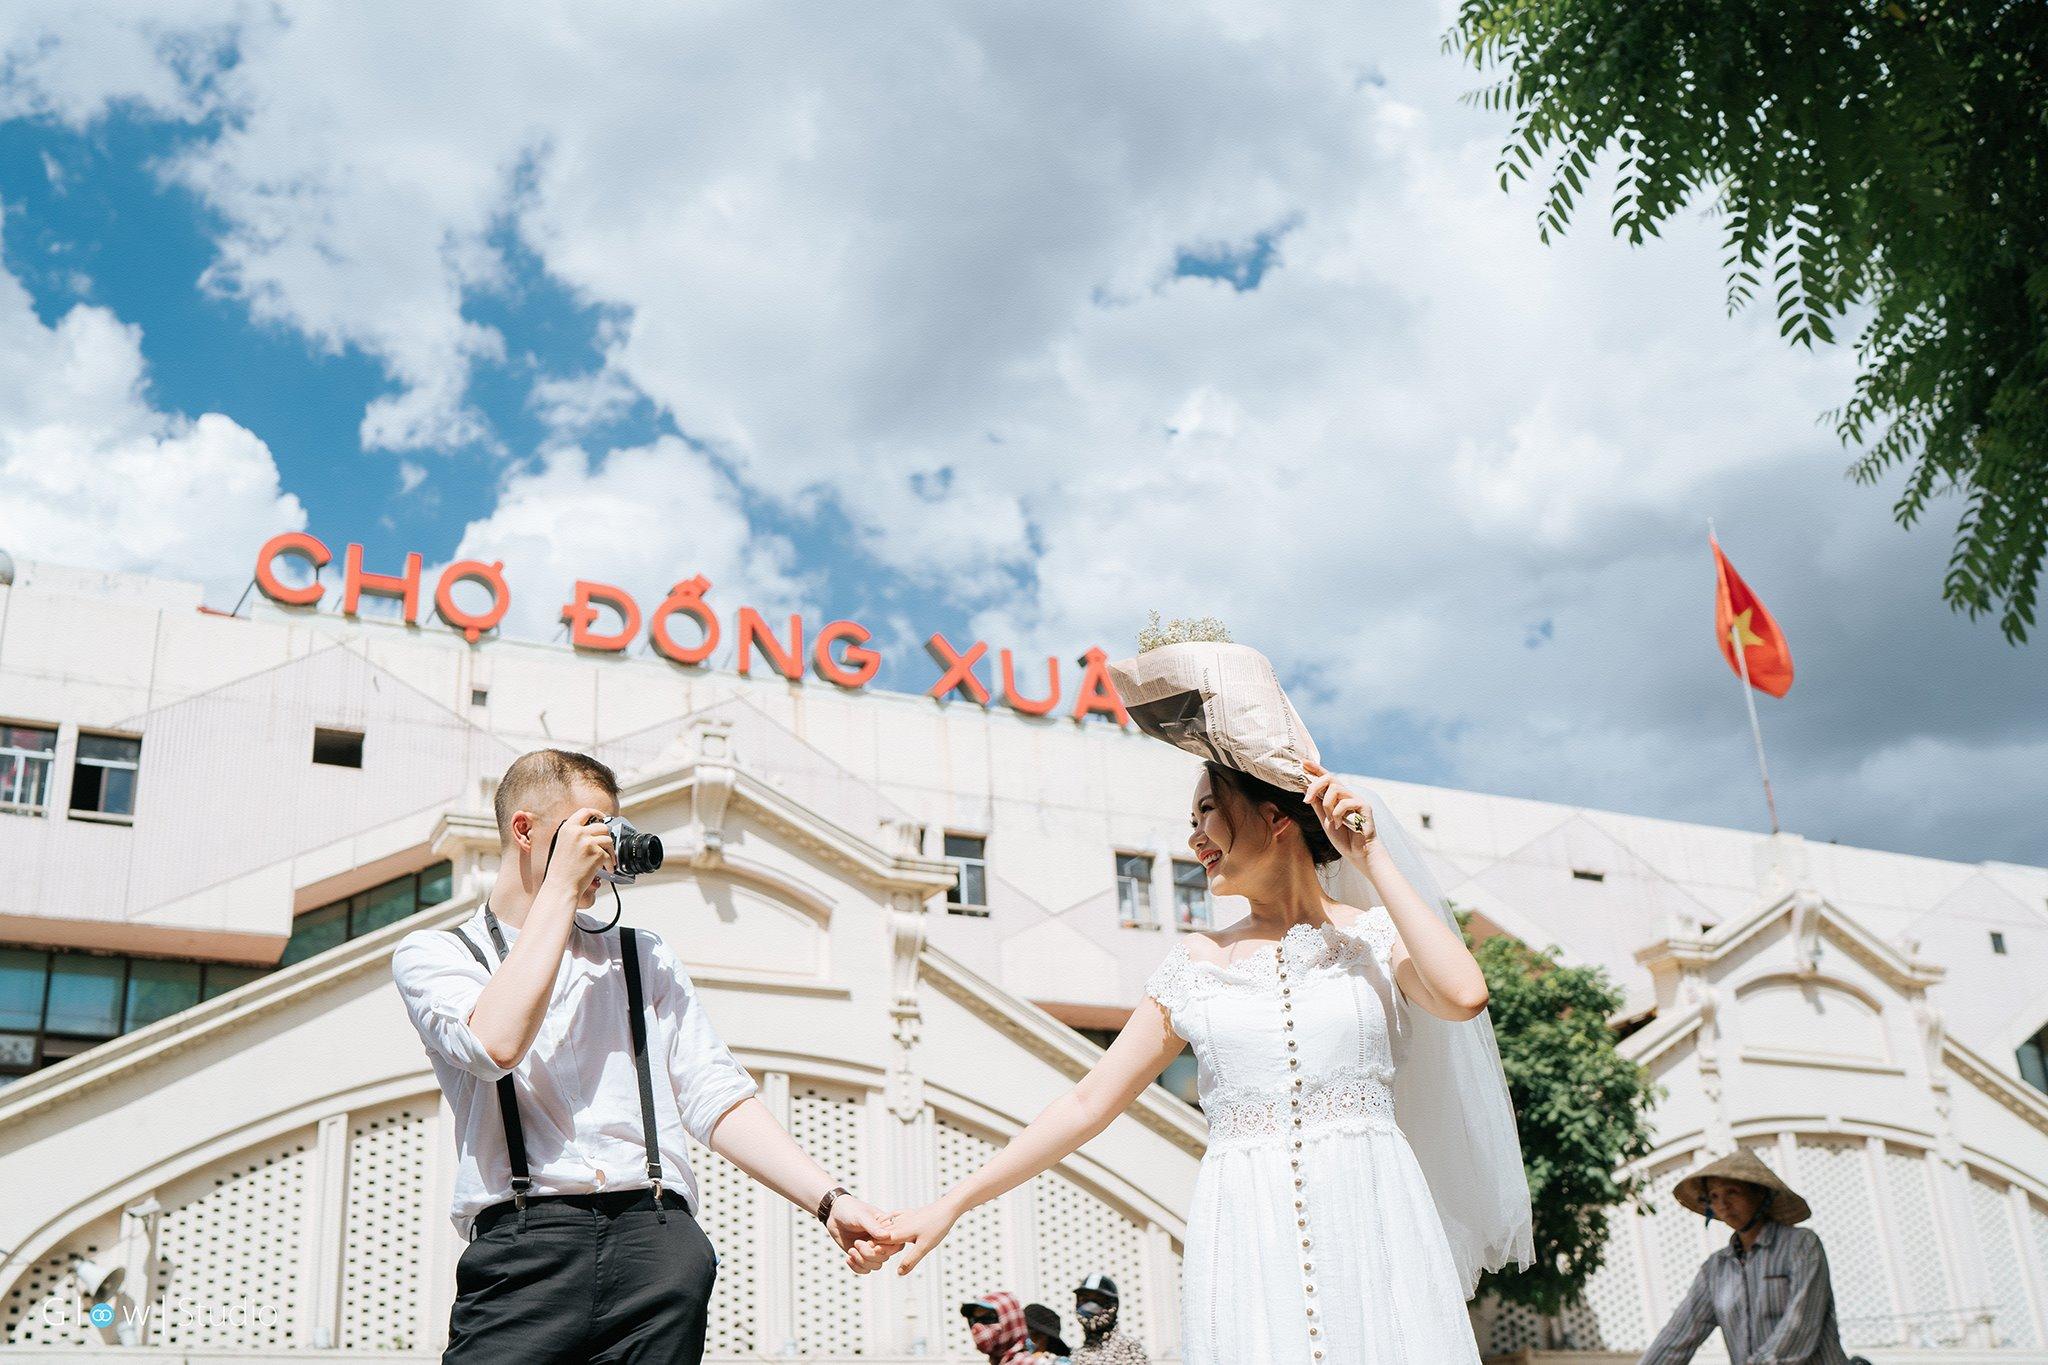 Ảnh cưới tự nhiên - Nơi cảm xúc thật được thăng hoa - Ảnh 6.